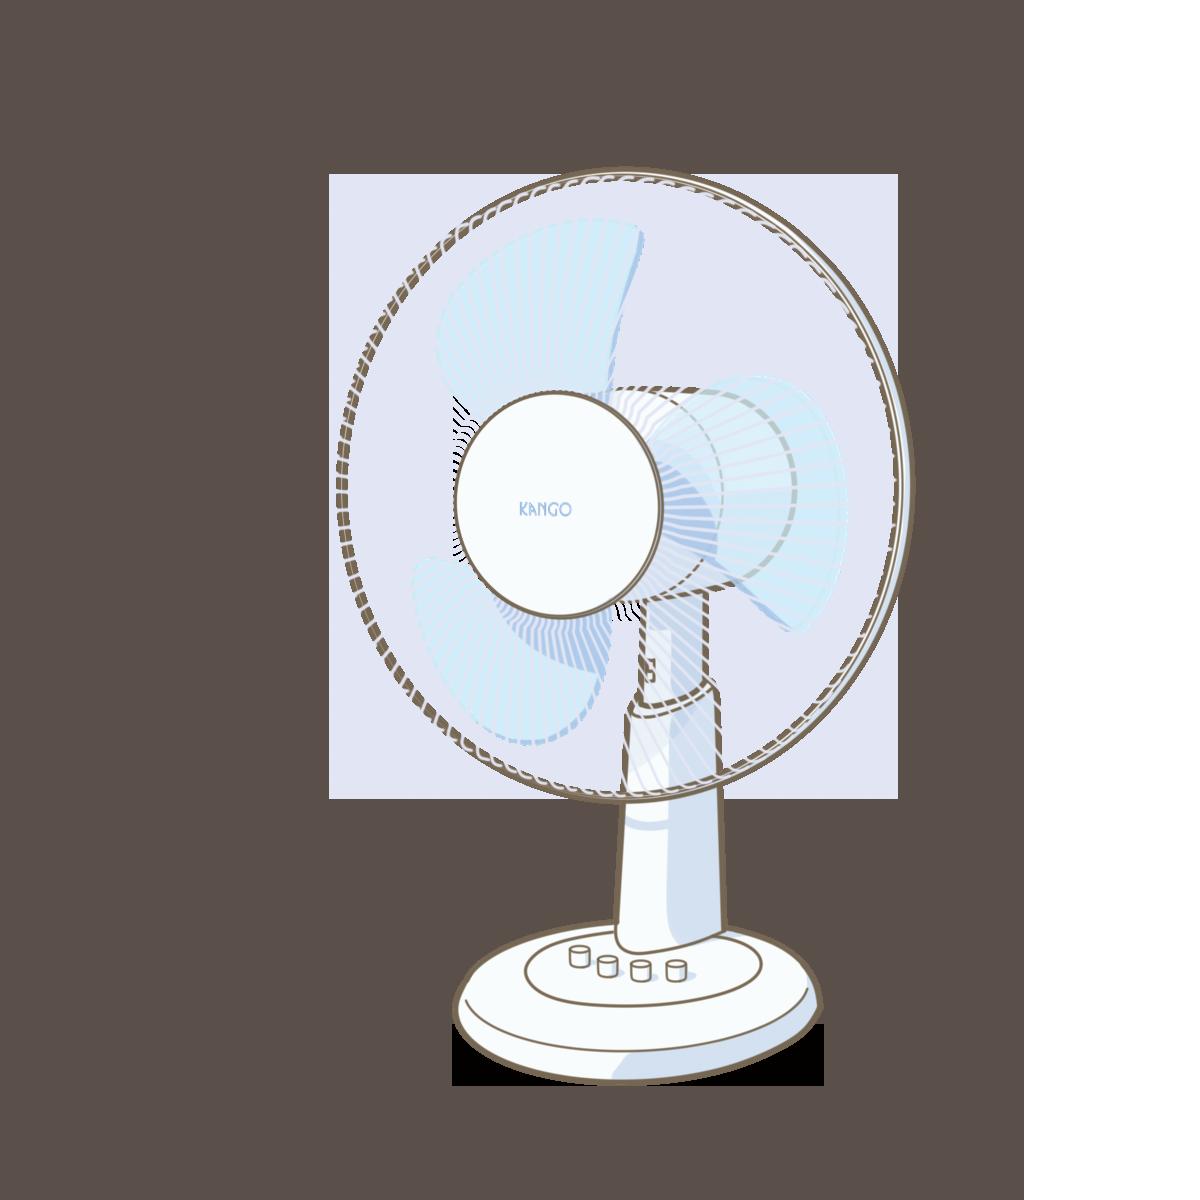 扇風機のイラストフリー素材看護rooカンゴルー